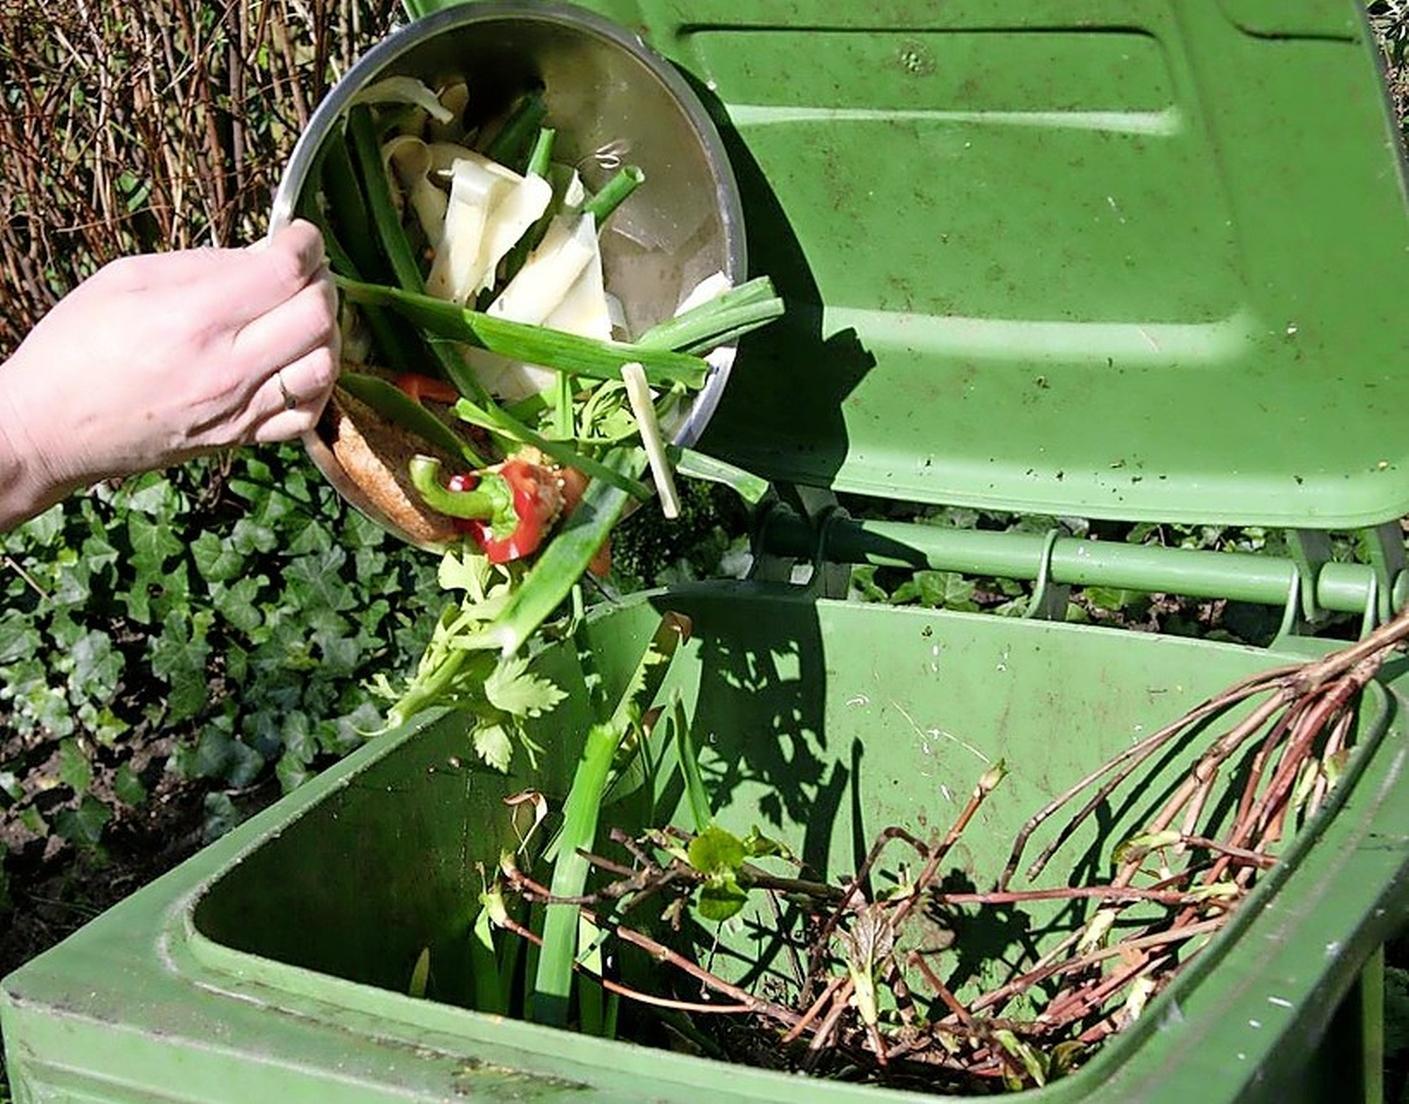 Veel vragen over huisvuil in Wormerland: 'Misschien willen inwoners het stinkende, groene afval liever naar een centraal punt brengen?'